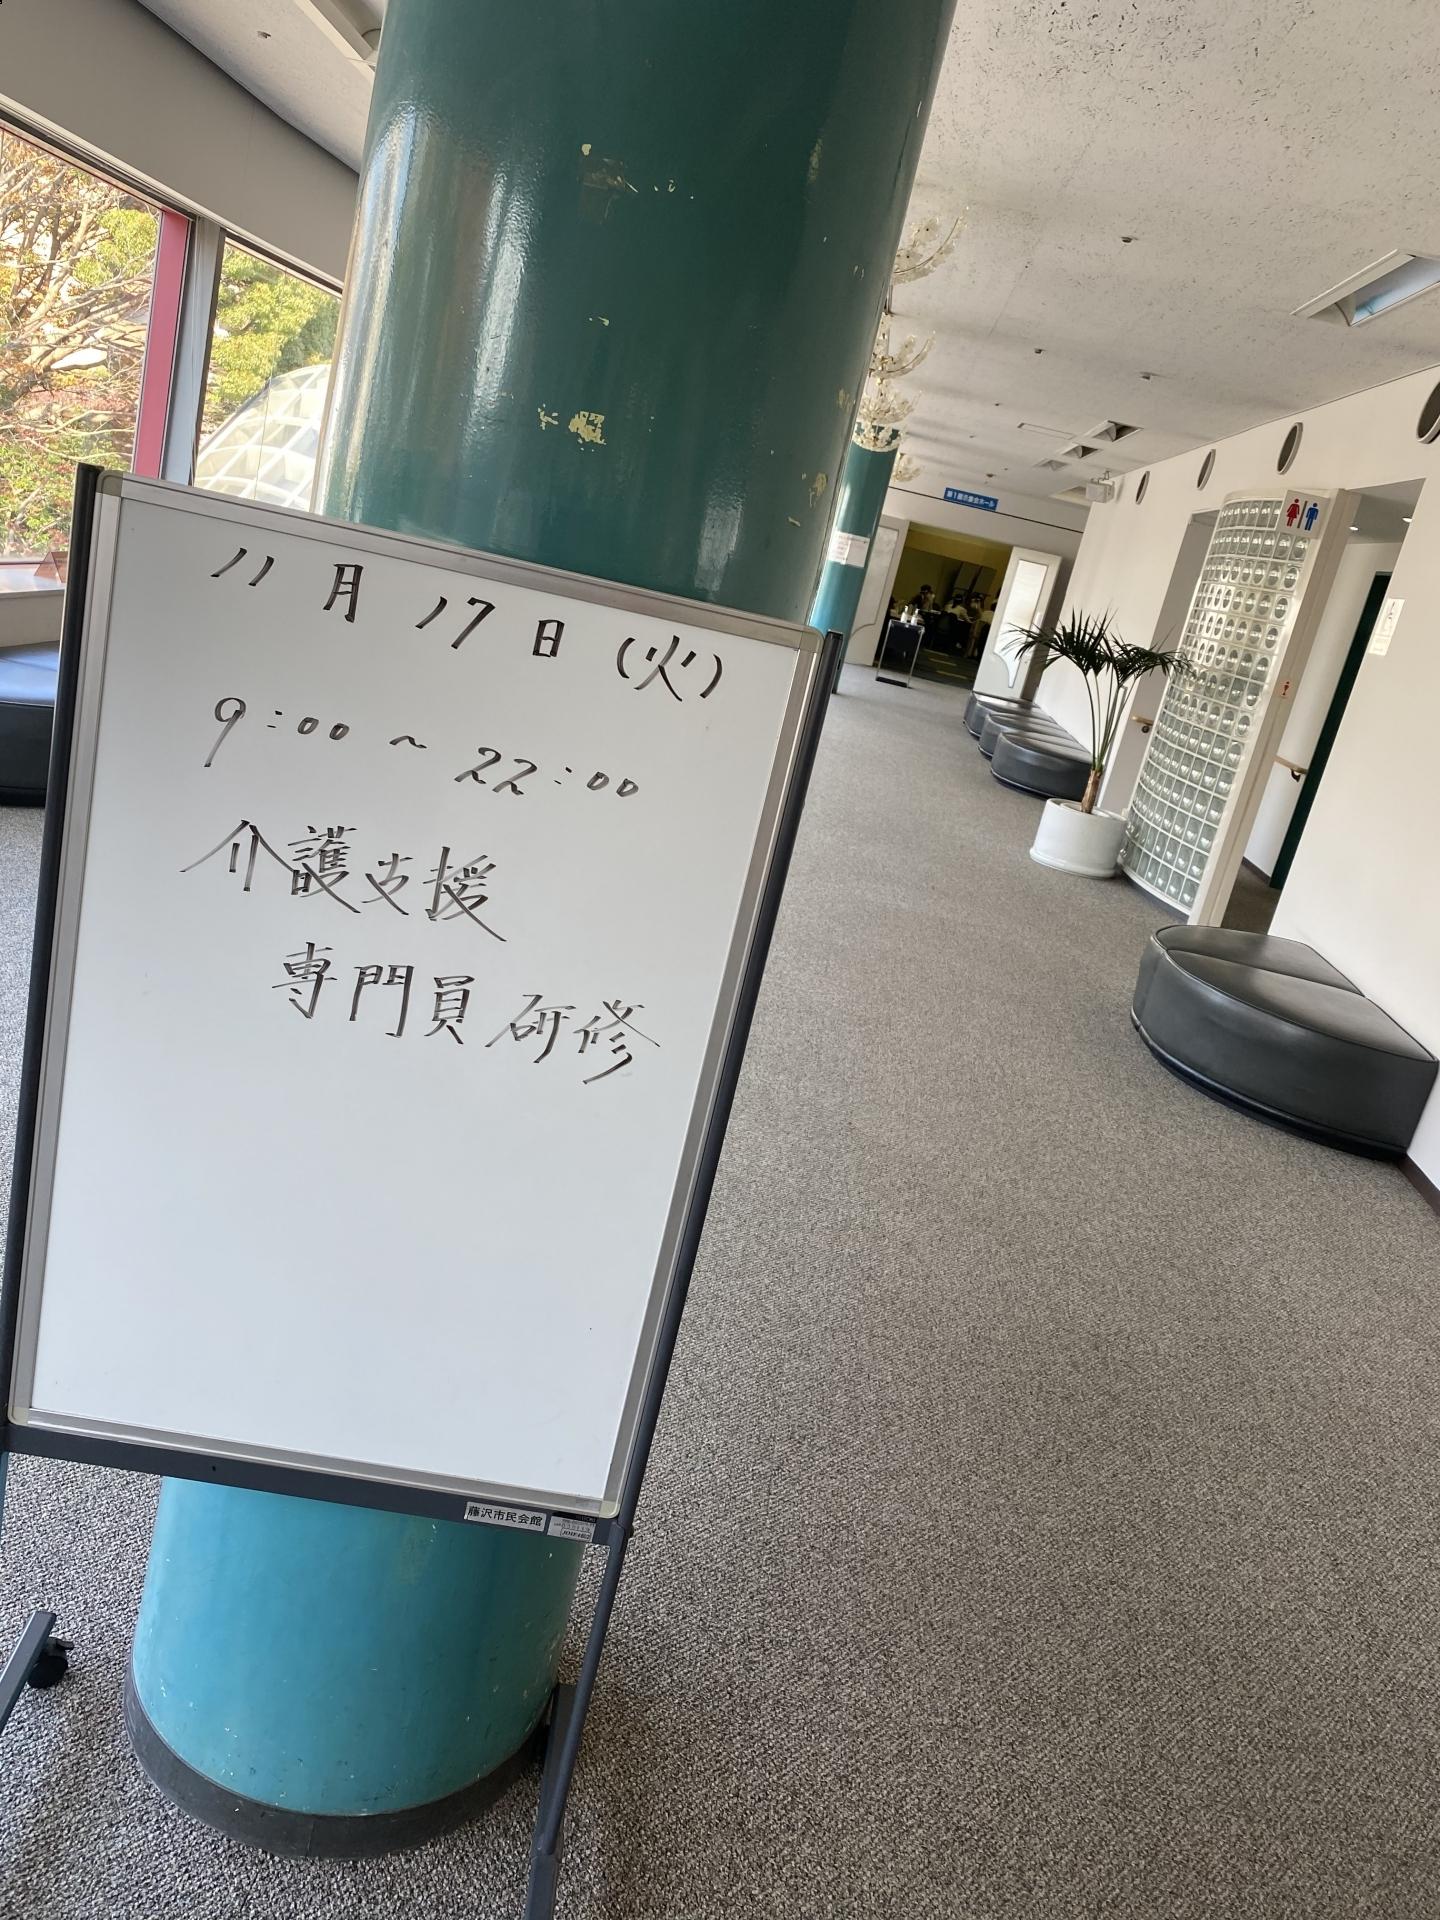 【171】 法定研修 専門Ⅱ(3日目) 報告